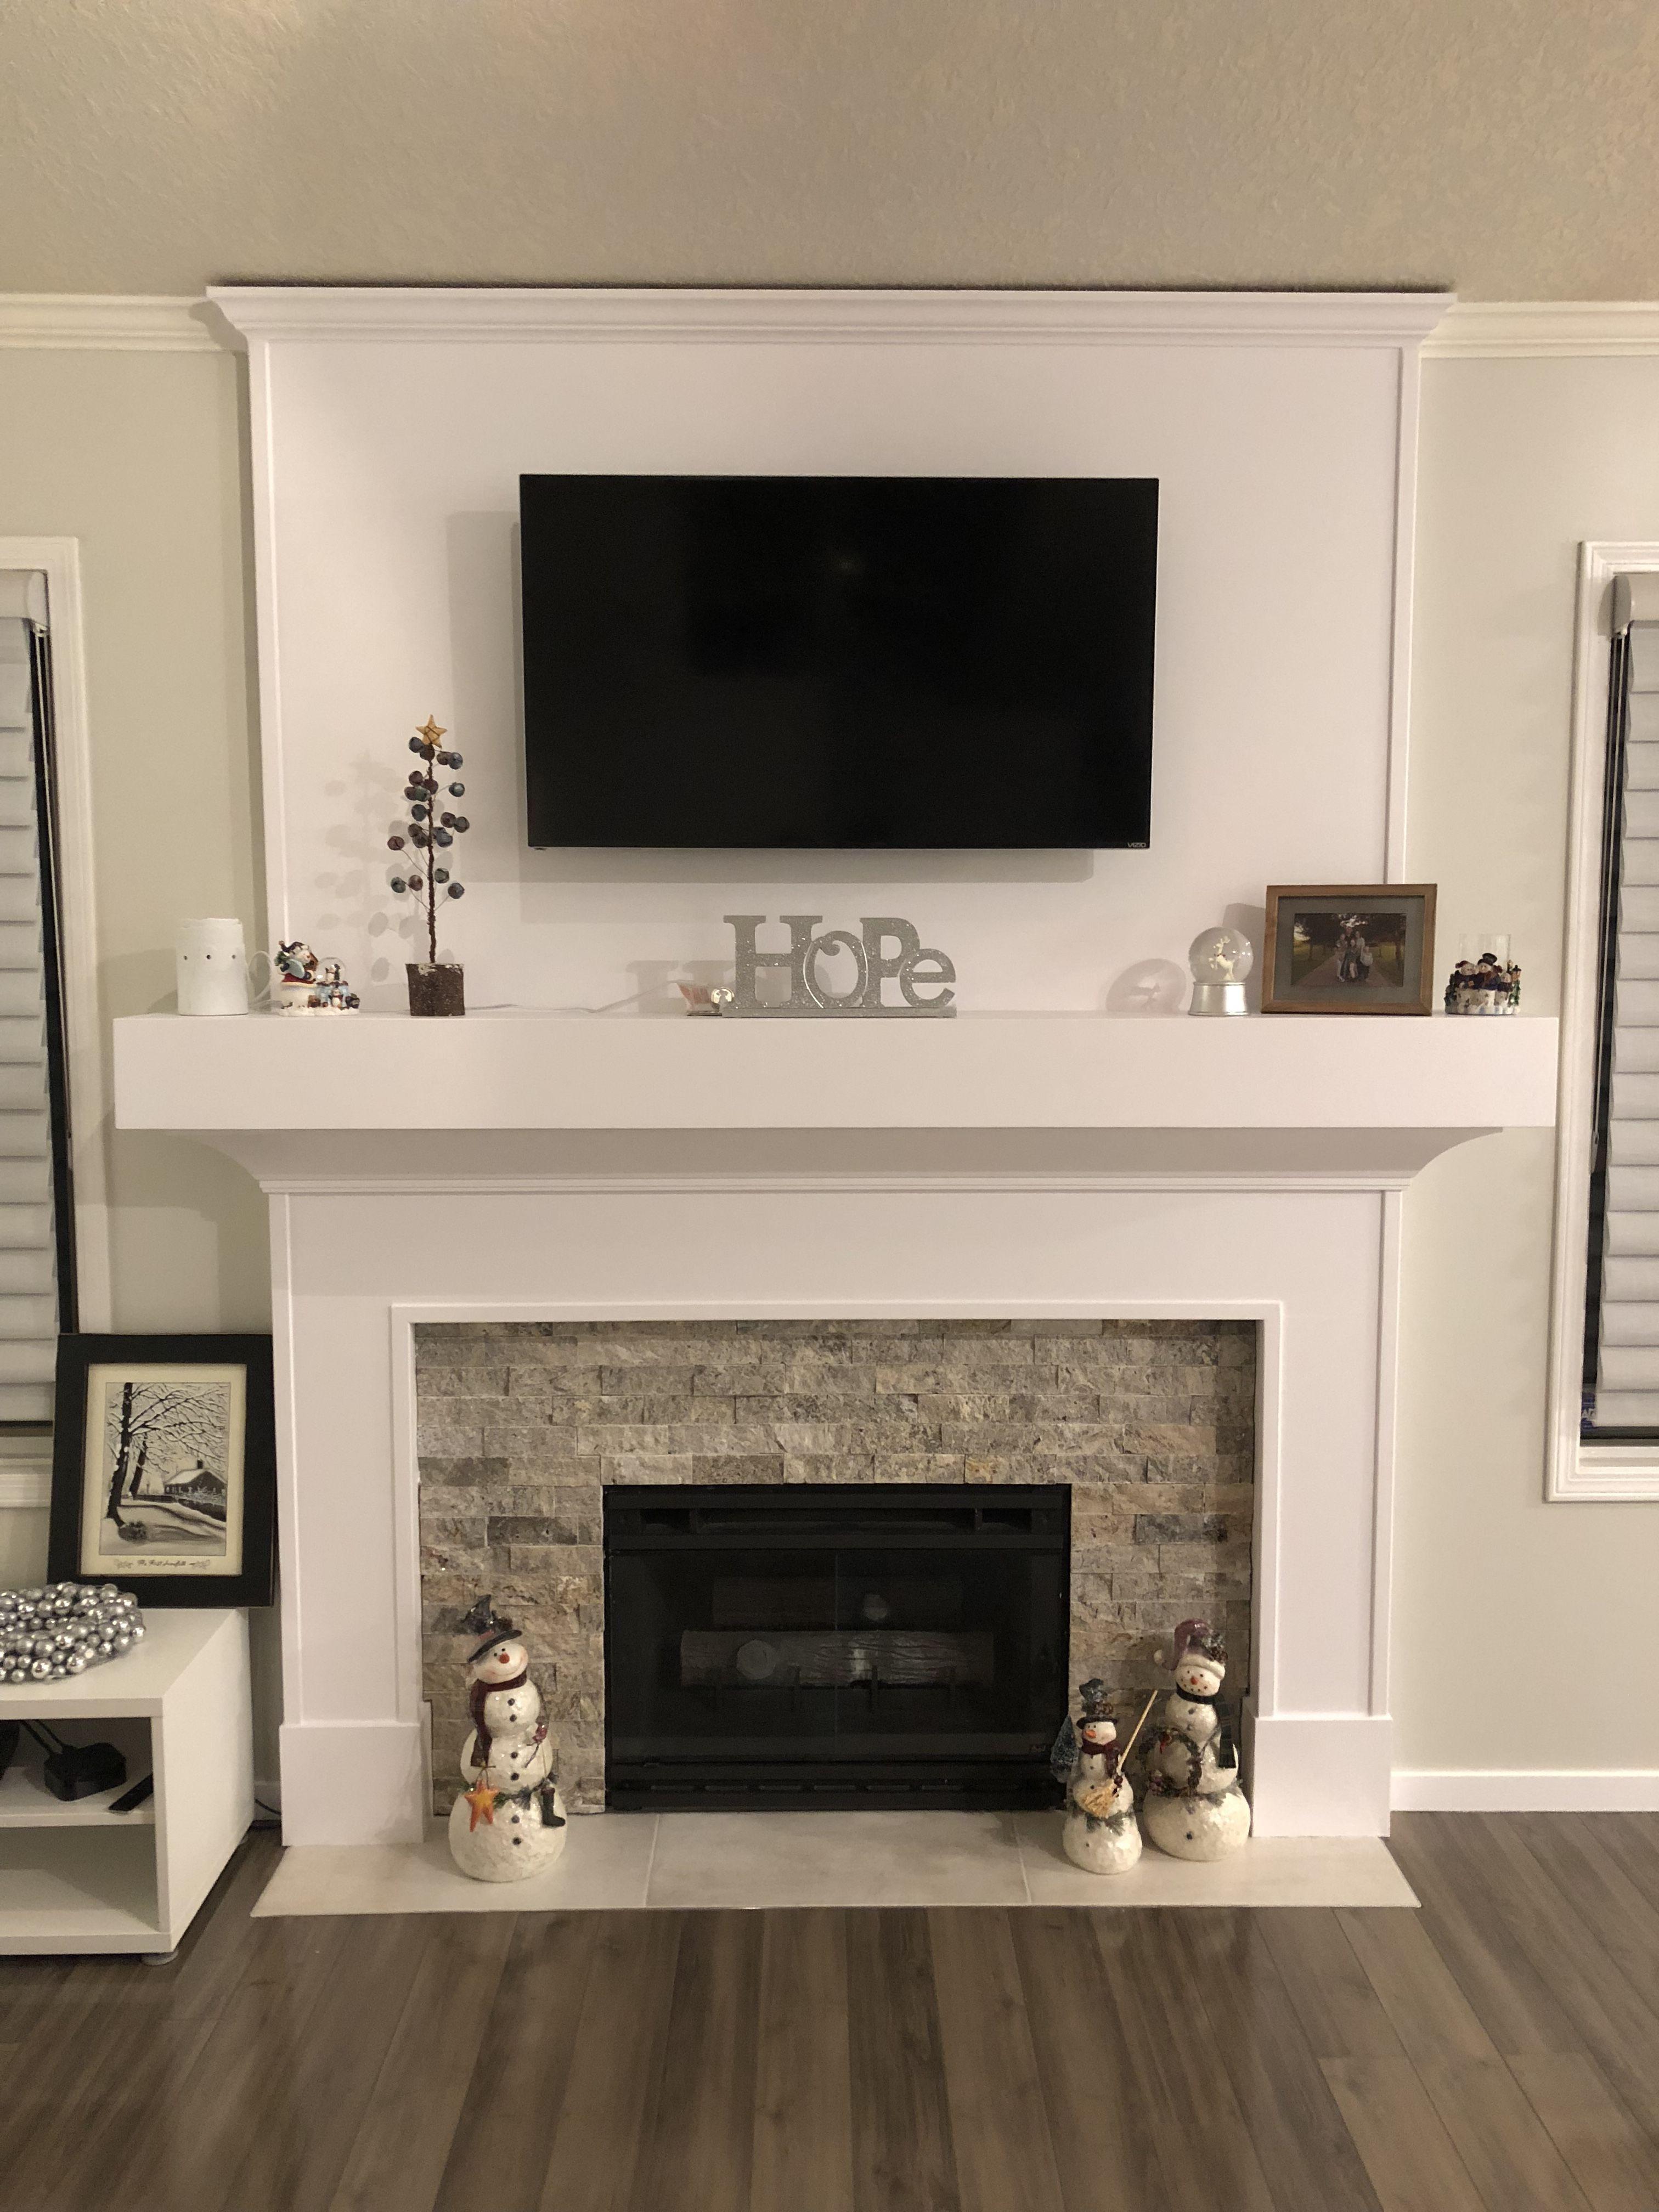 10 Impressive Tips Living Room Remodel On A Budget Ho